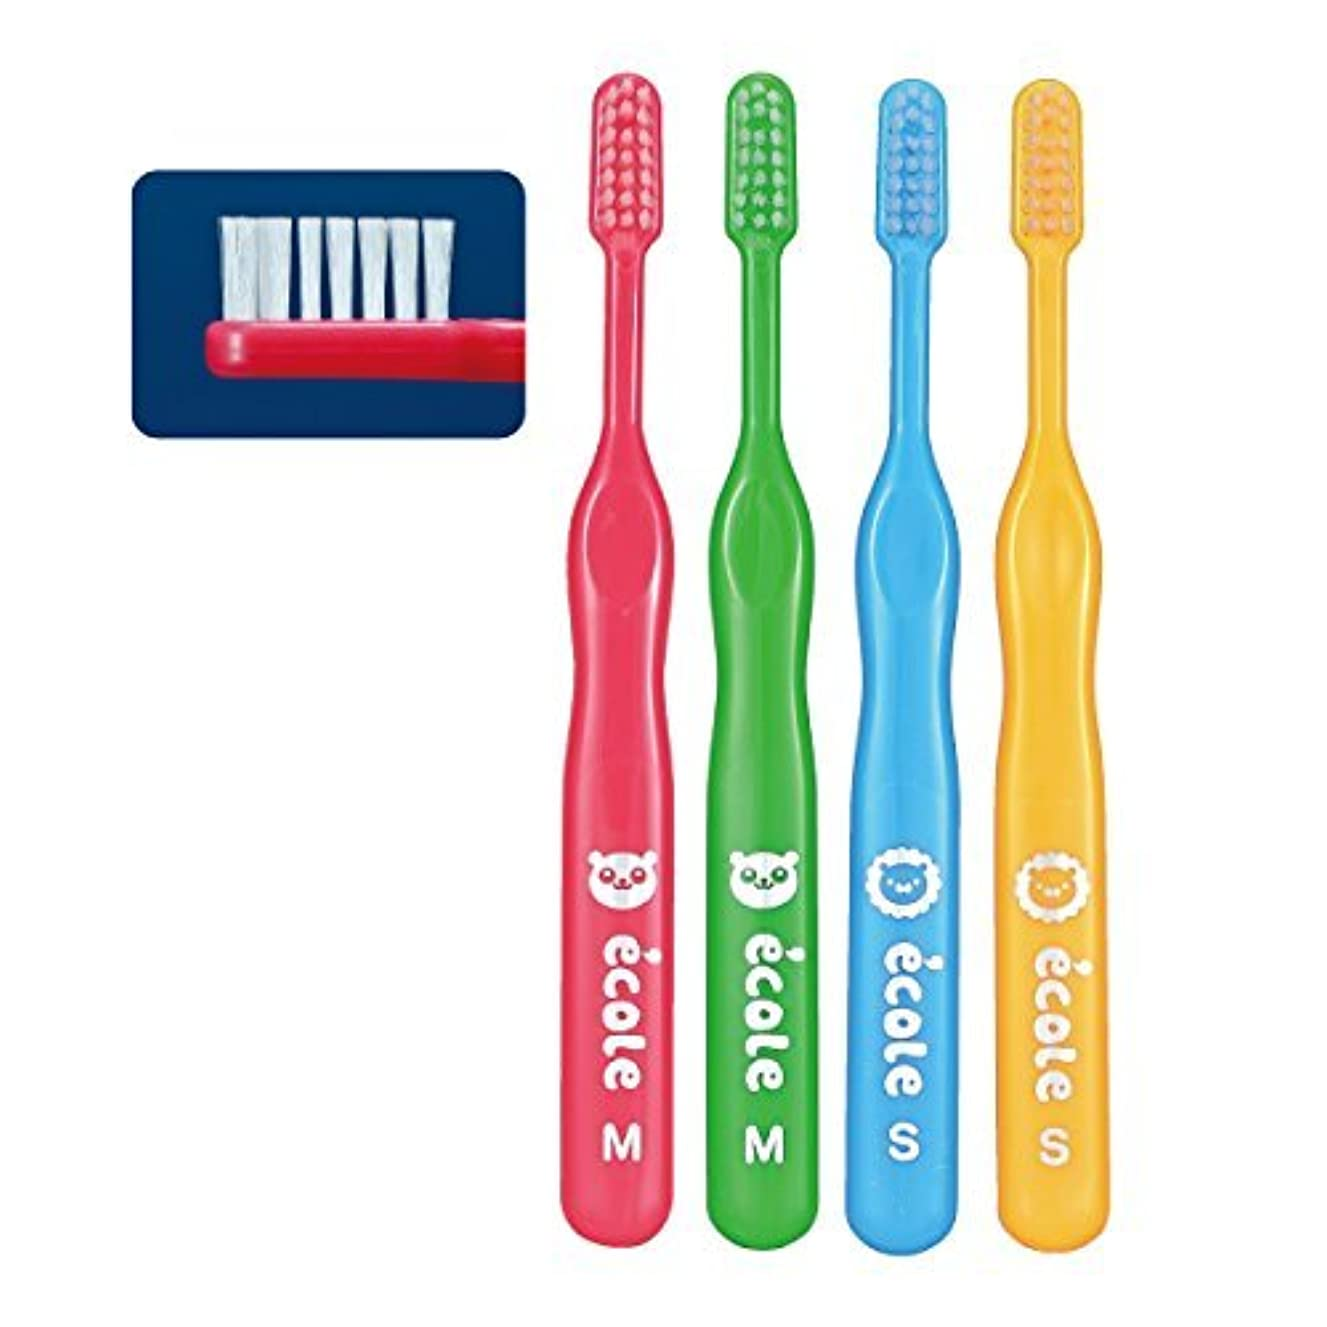 シンジケート奨励テナントリセラ エコル 幼児~小学生用歯ブラシ Sやわらかめ 10本入り